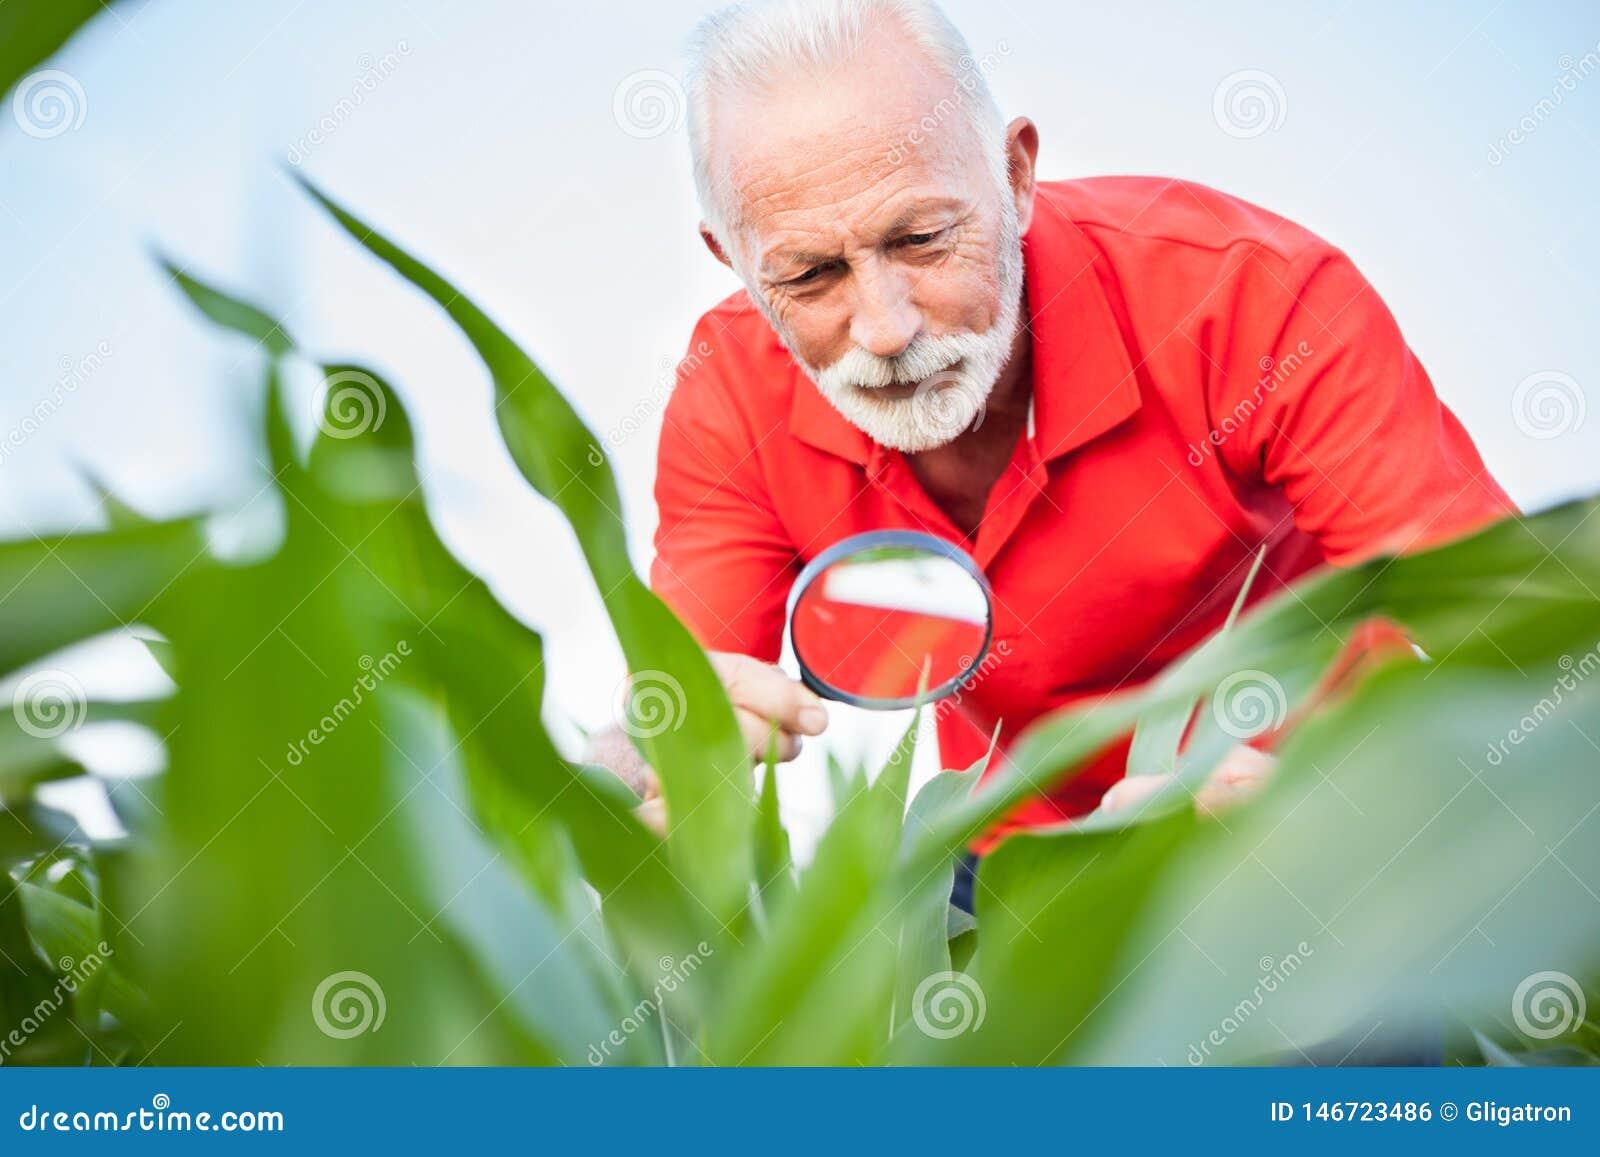 Ανώτερος, γκρίζος μαλλιαρός χαμόγελου, ο γεωπόνος ή ο αγρότης στο κόκκινο πουκάμισο που εξετάζει το καλαμπόκι τα φύλλα σε έναν το